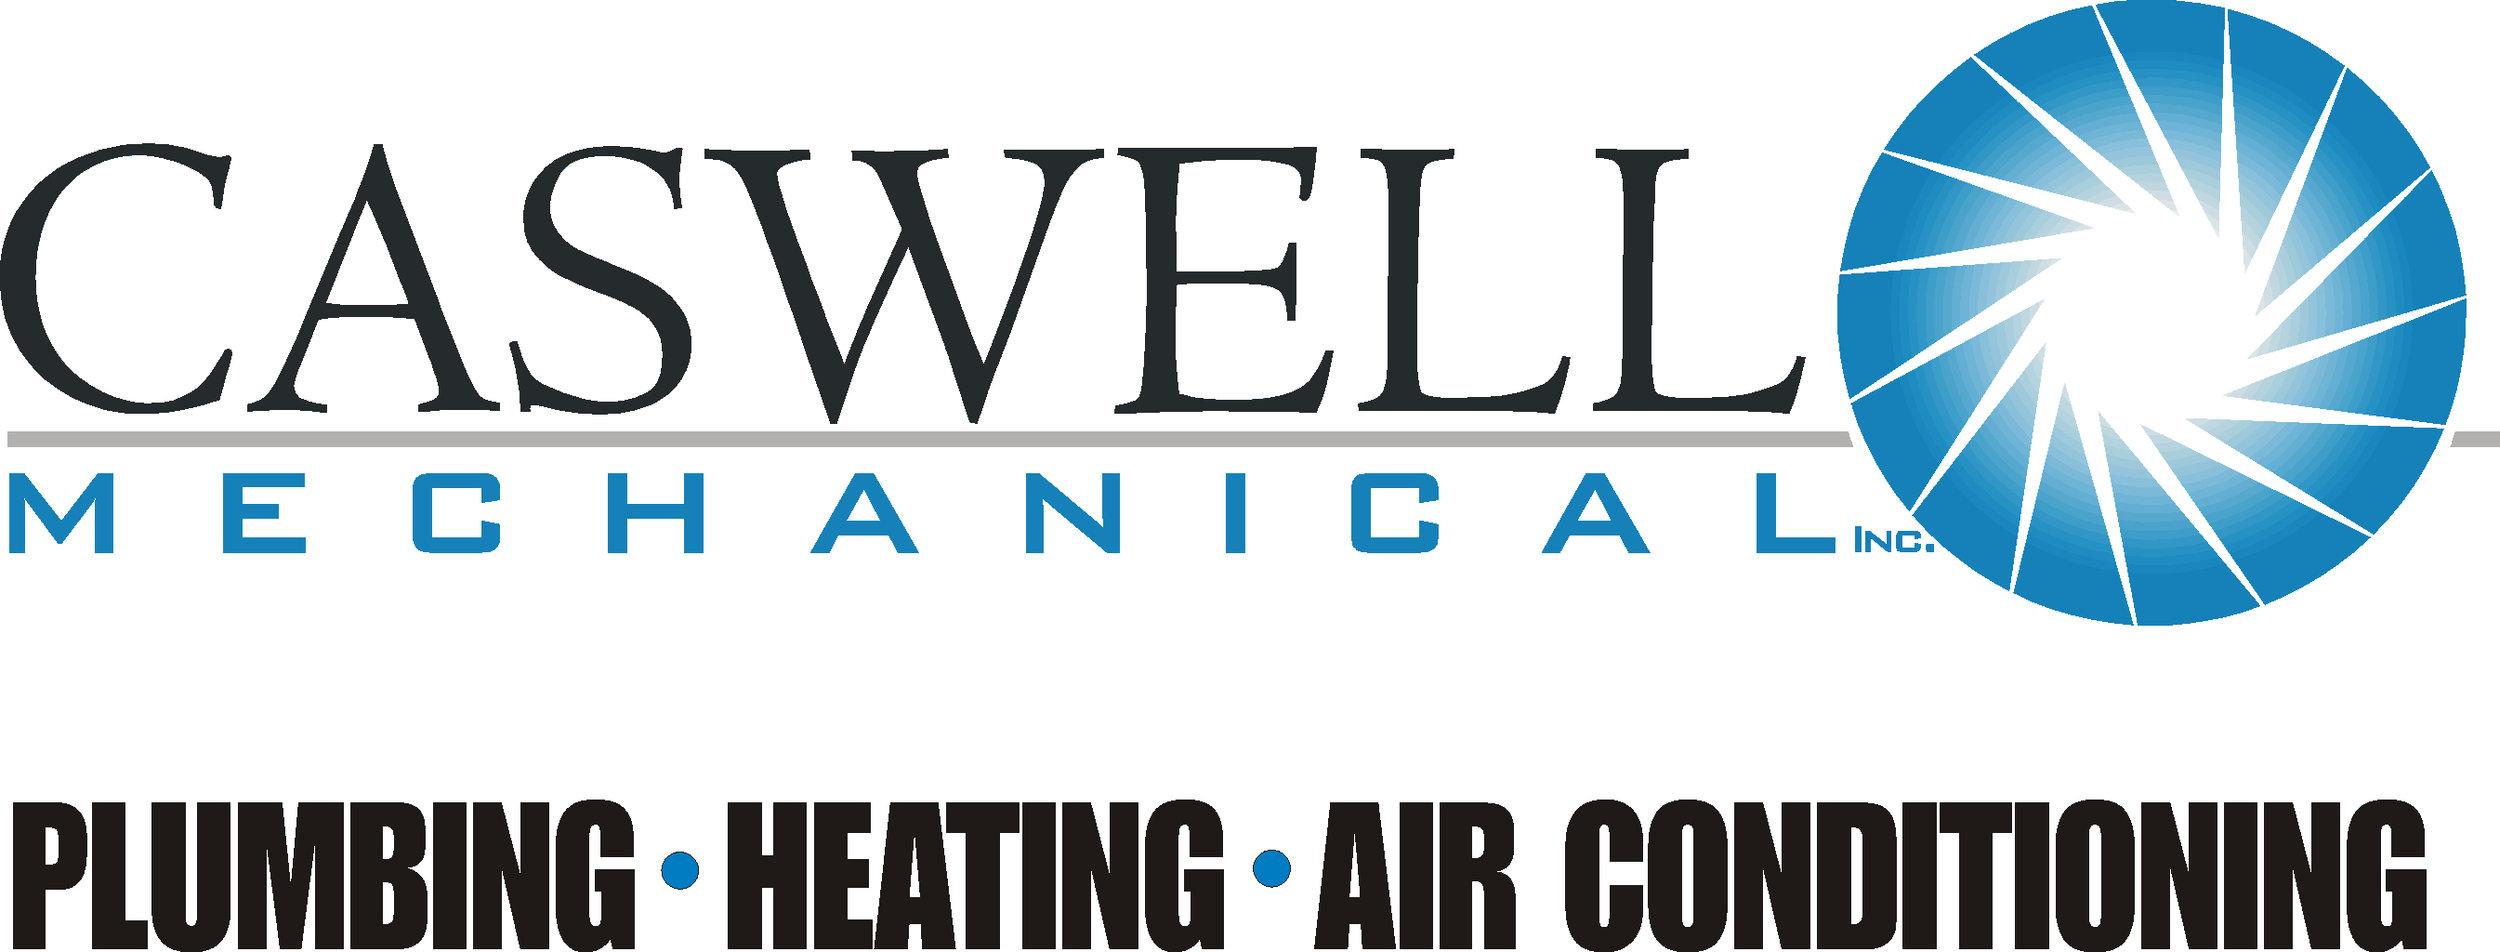 CaswellMech-Logo08 (2).jpg